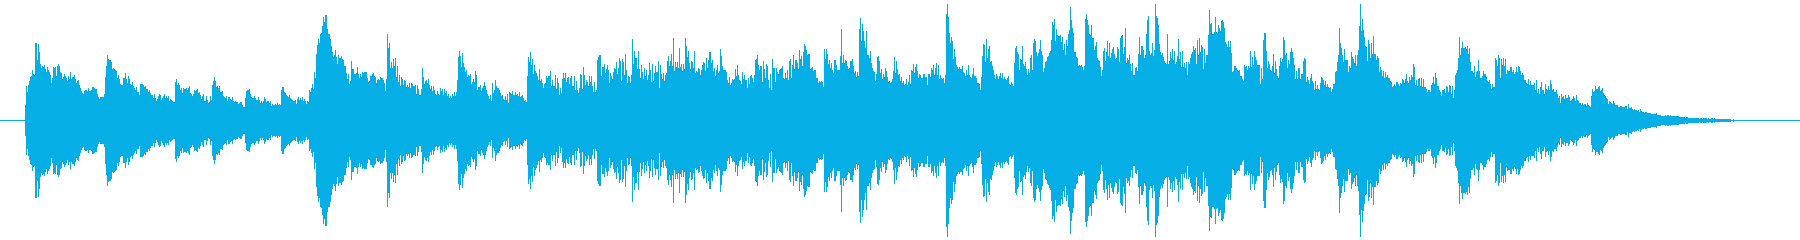 懐かしい思い出 ピアノ曲<30秒>の再生済みの波形